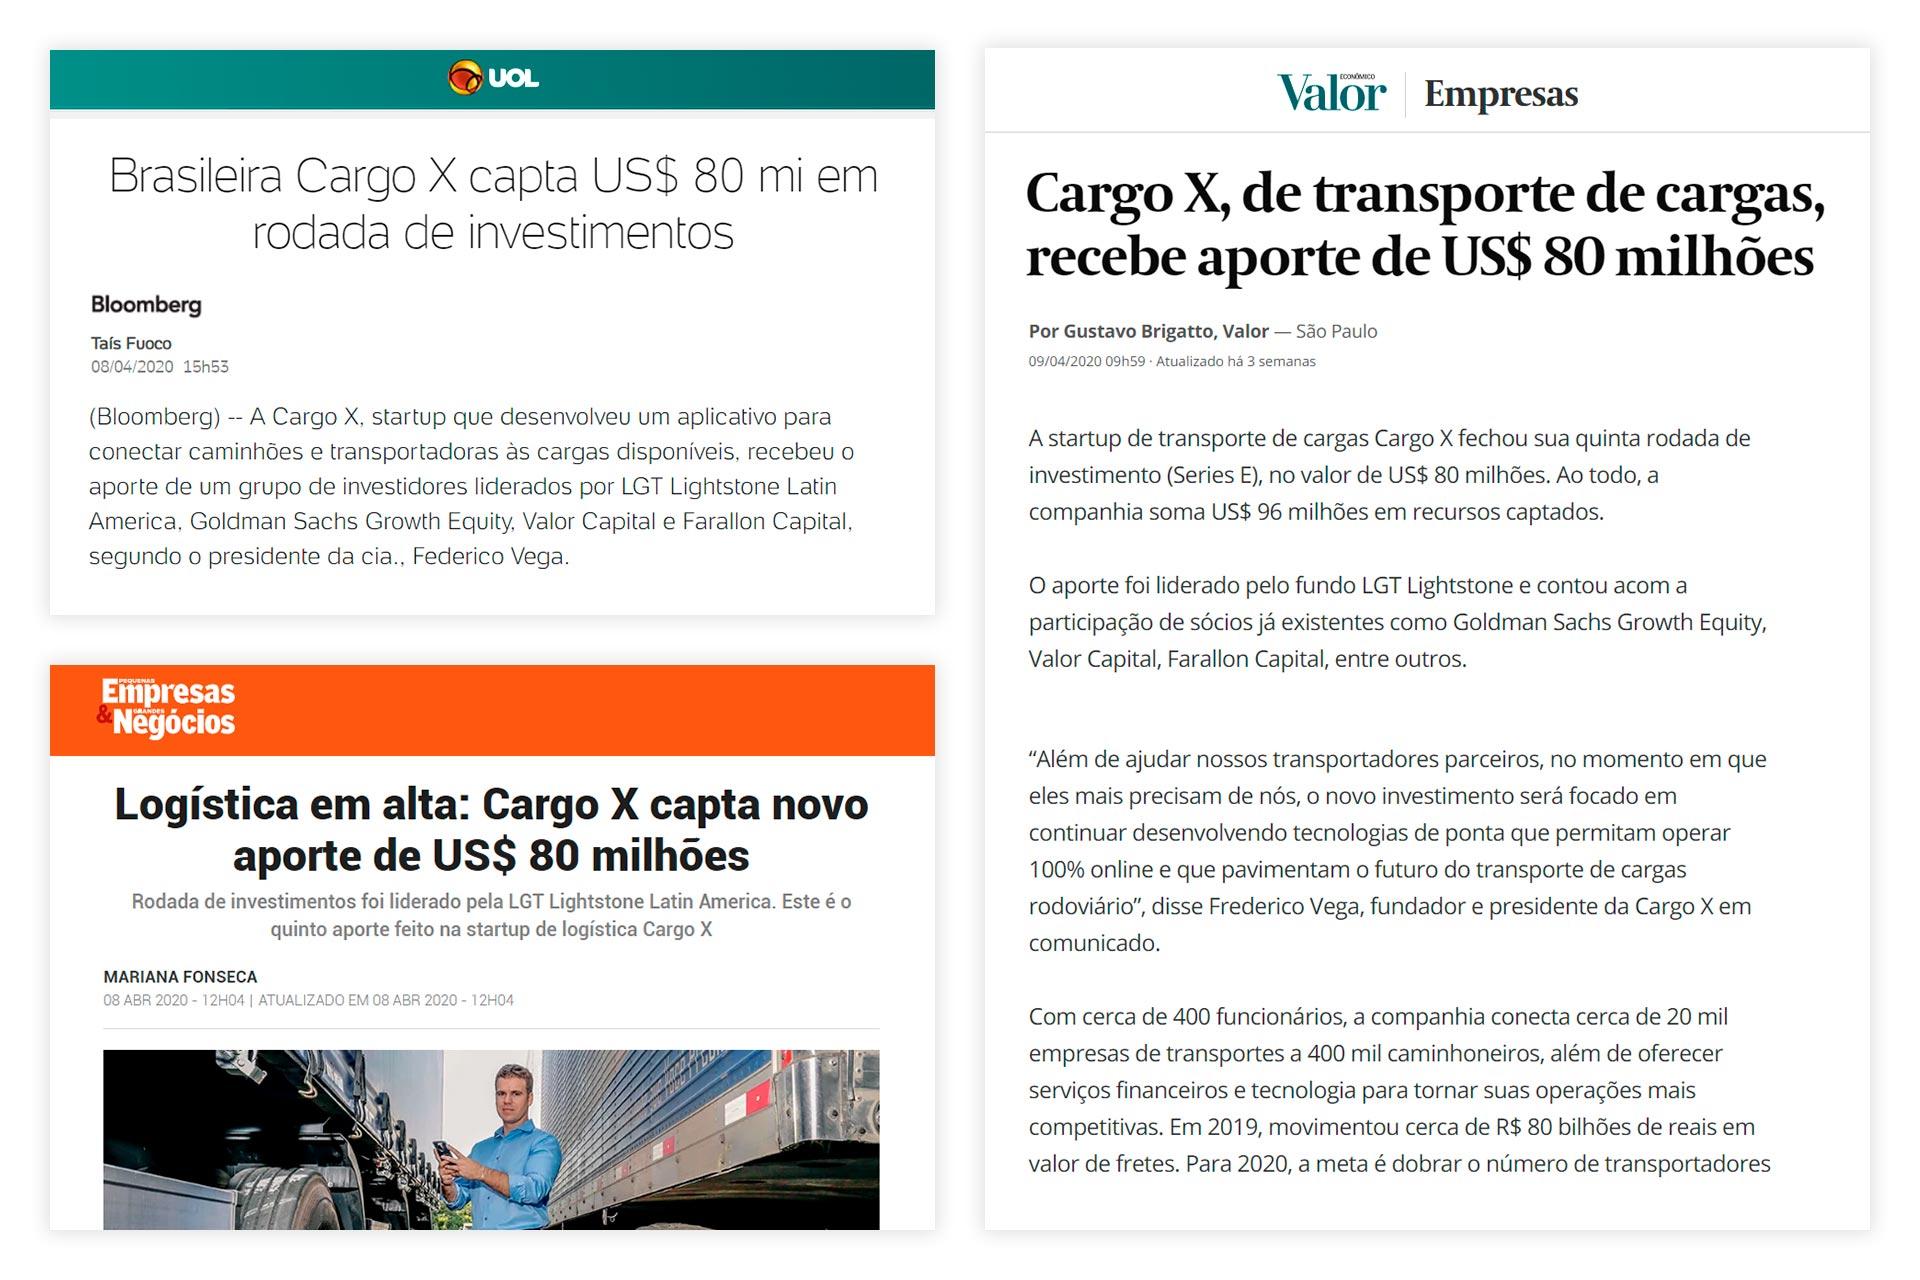 case-rodada-investimento-cargox-03